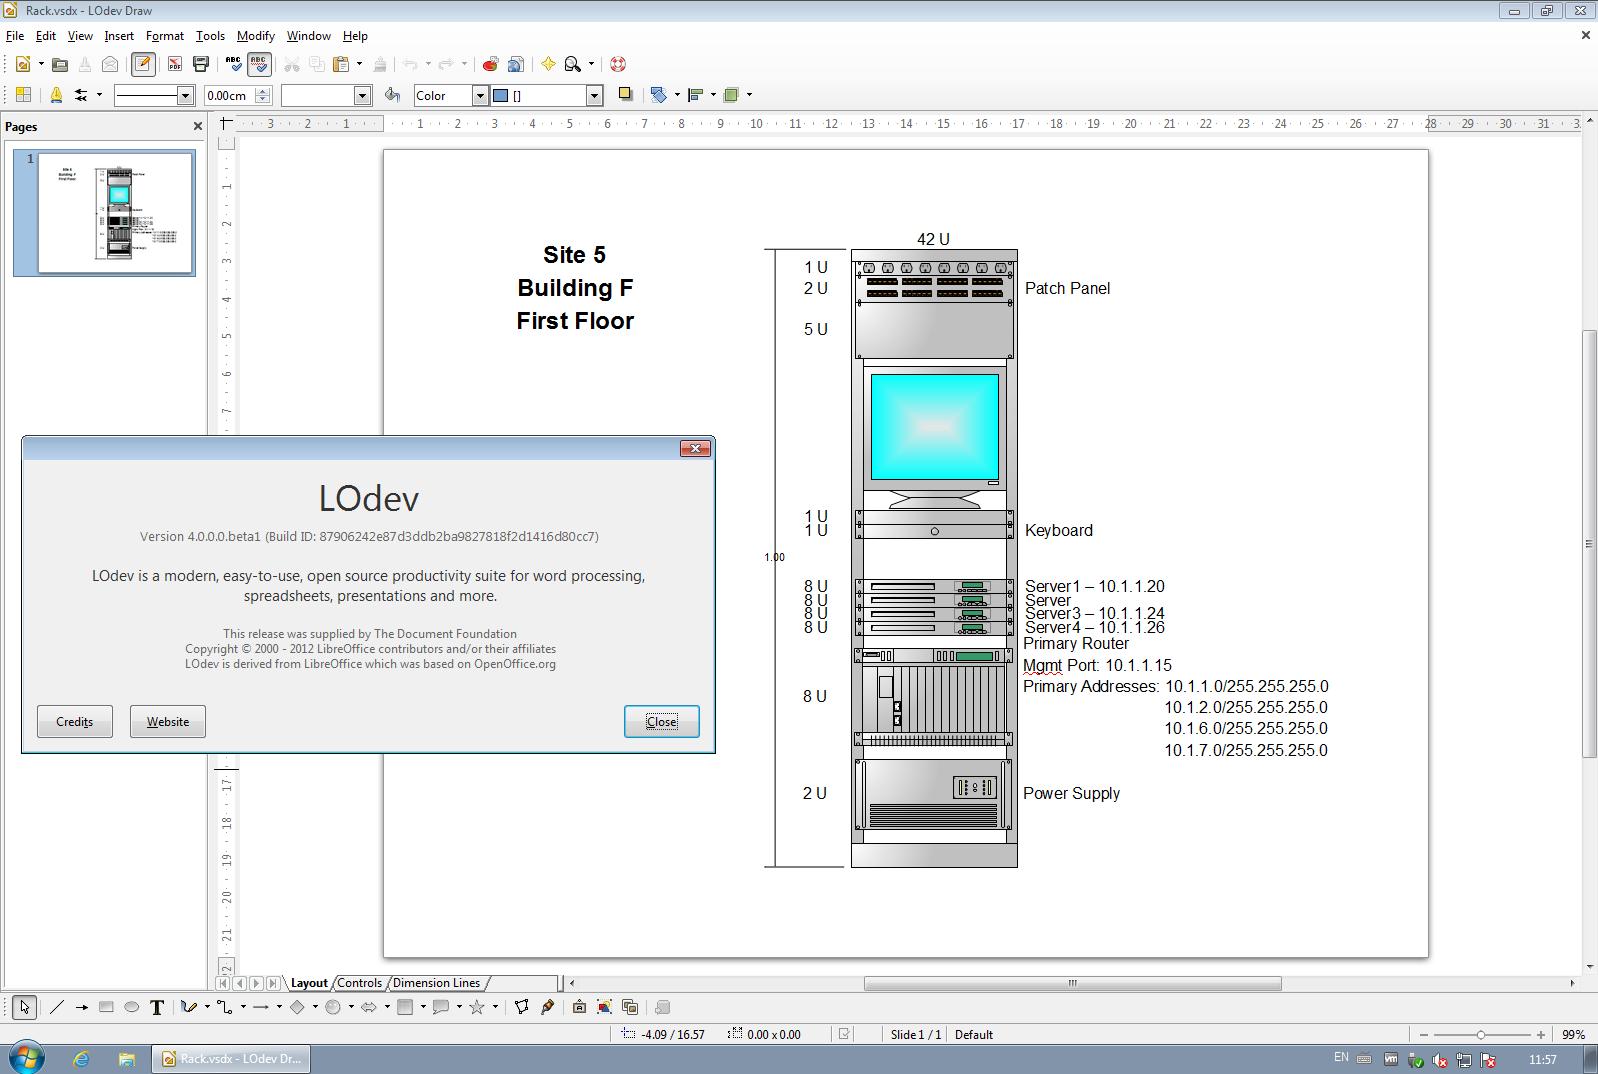 Freie Büroanwendung: Libreoffice 4.0 freigegeben - Der Import von Visio-Dateien... (Bild: Libreoffice)